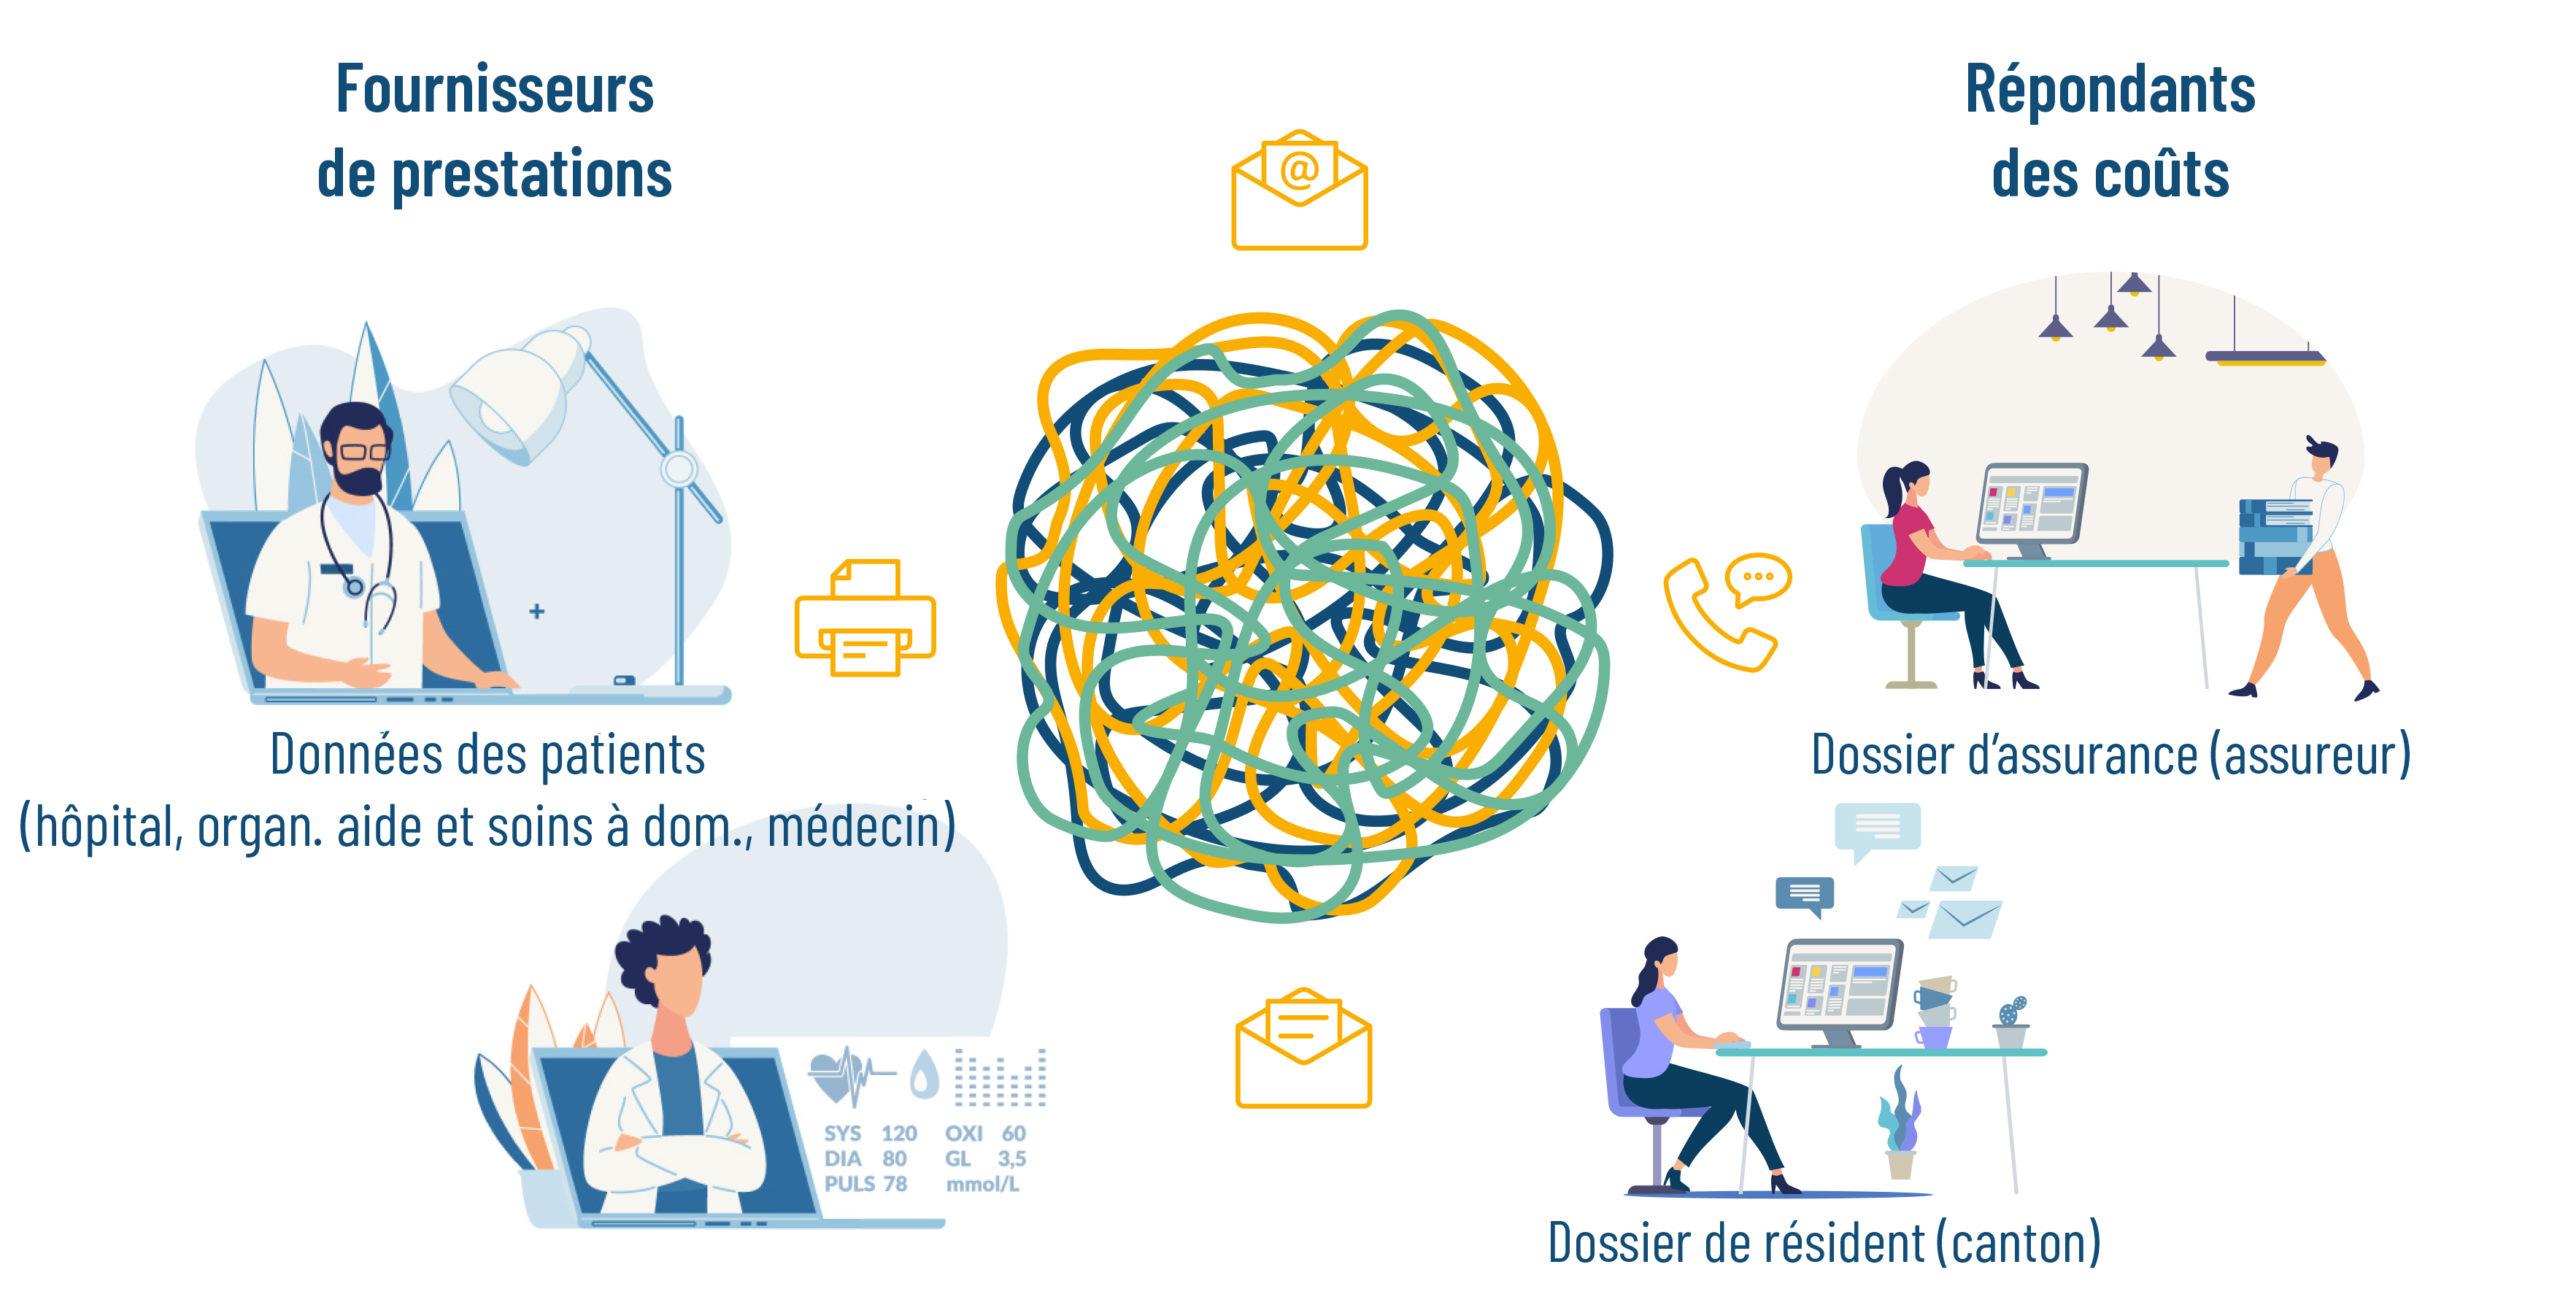 Échange de données dans le secteur de la santé